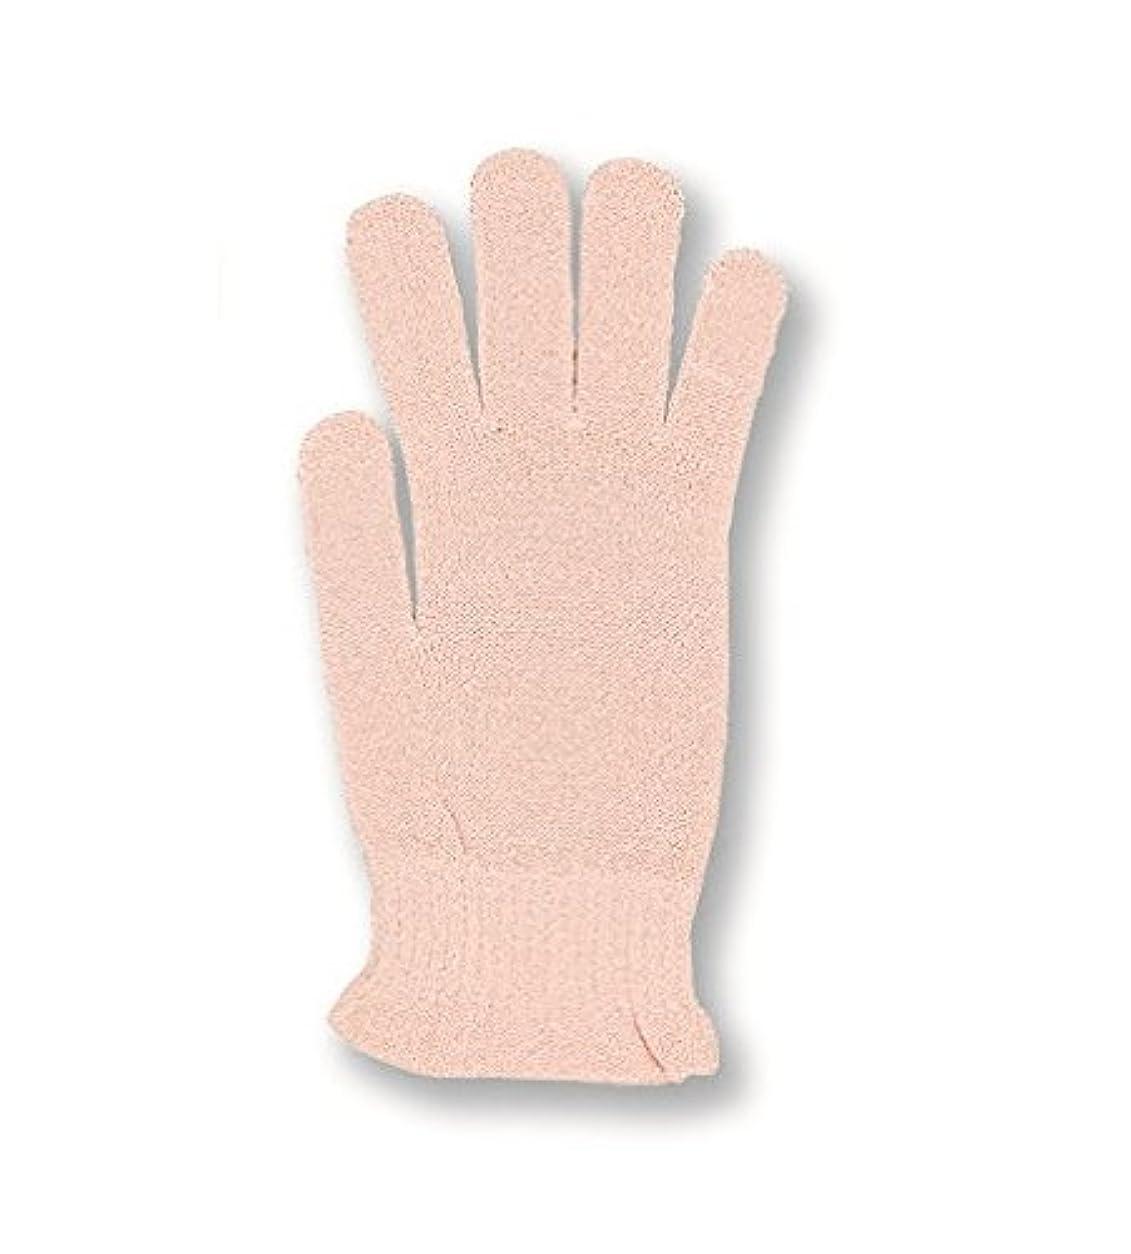 論争中央値ワックスコクーンフィット シルク おやすみ手袋 ピーチ